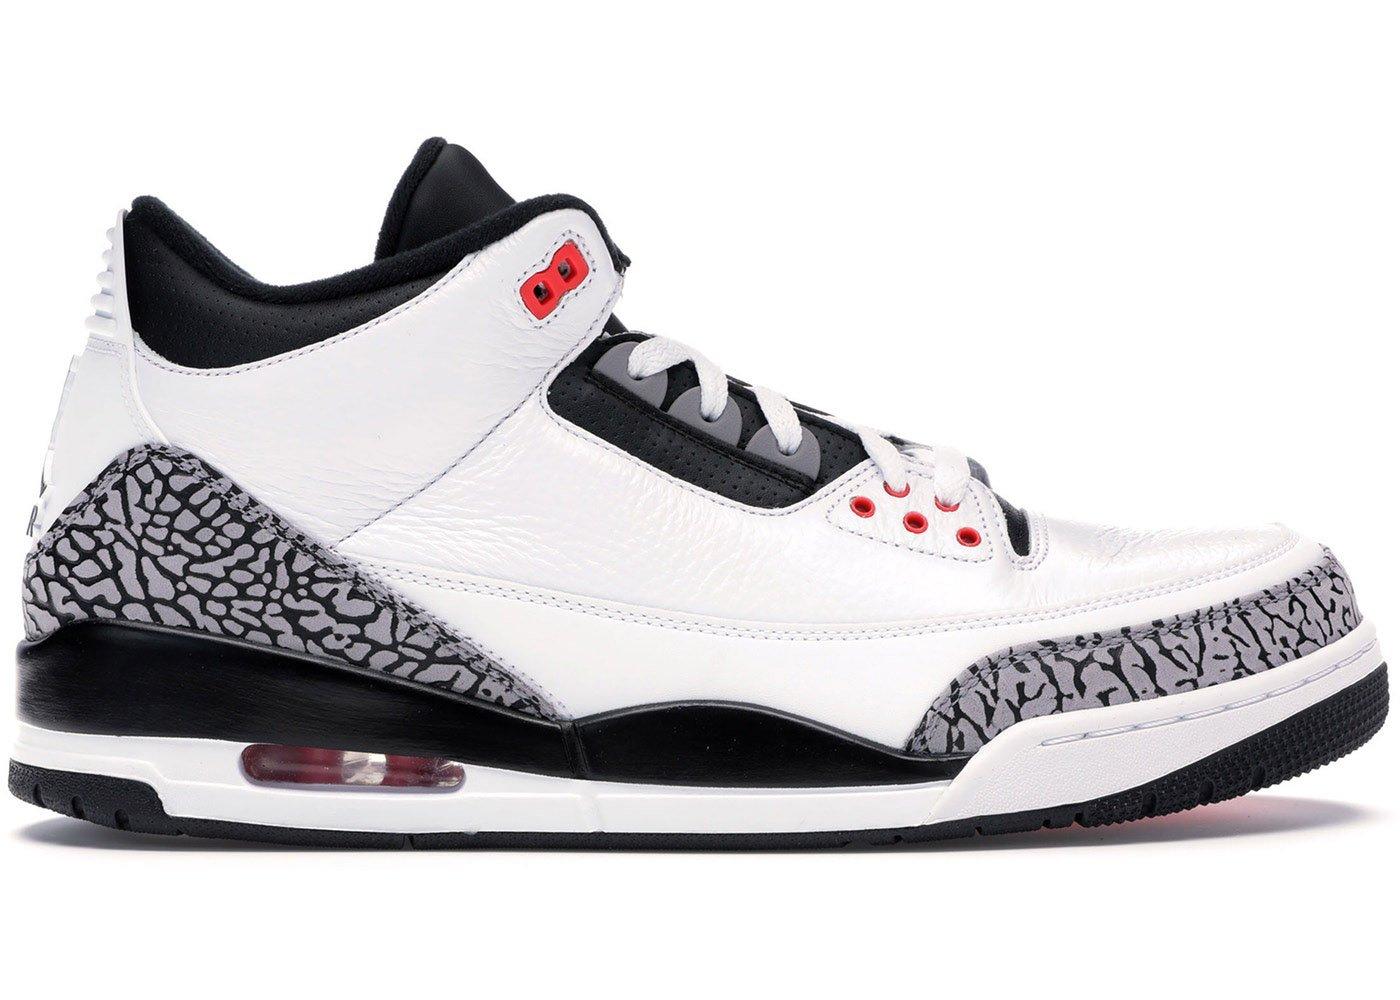 Air Jordan III OG